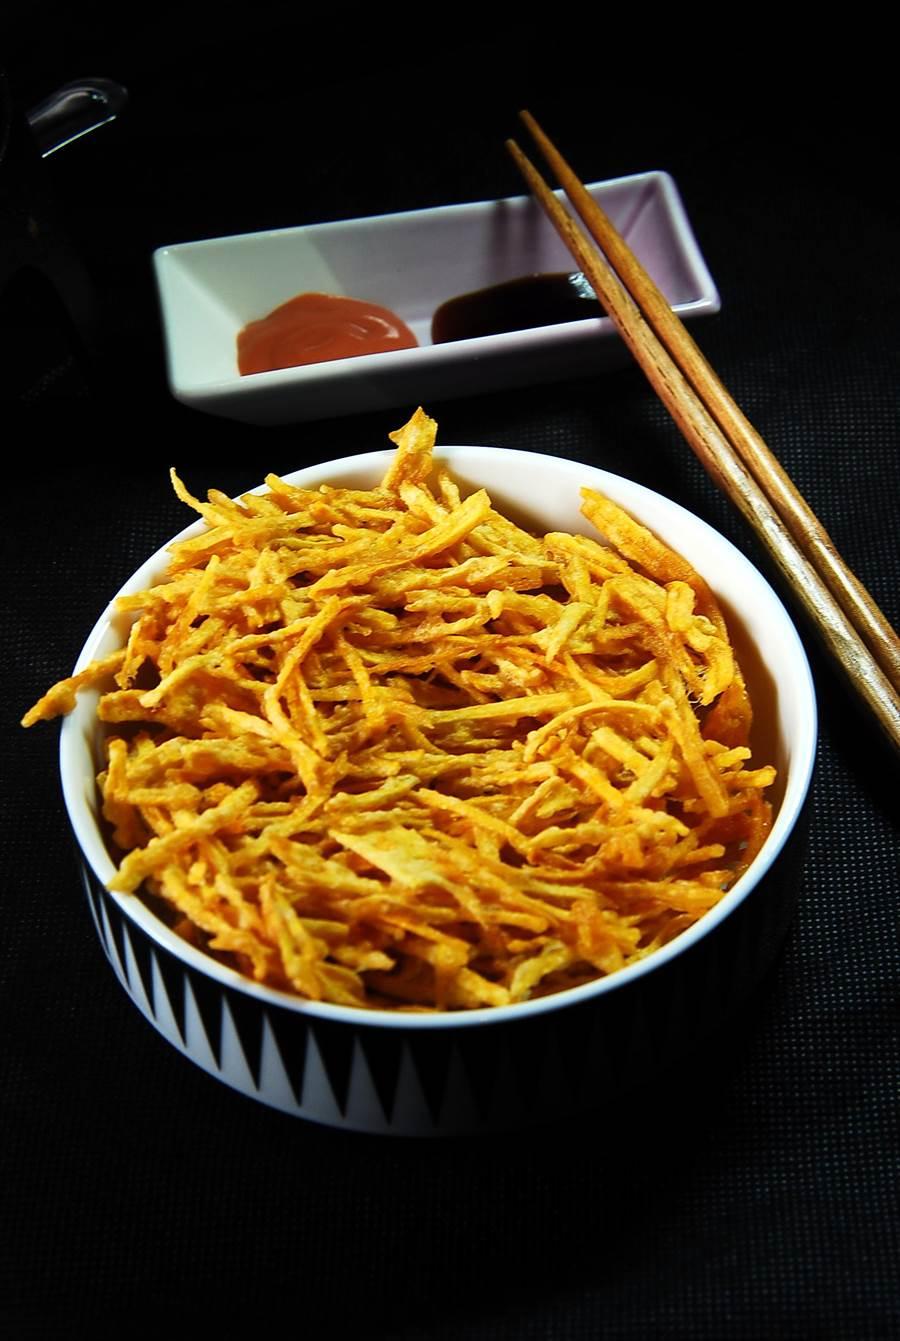 在「黑輪吧」可以一份炸地瓜絲,並以特調沾醬沾著吃食。(圖/姚舜攝)